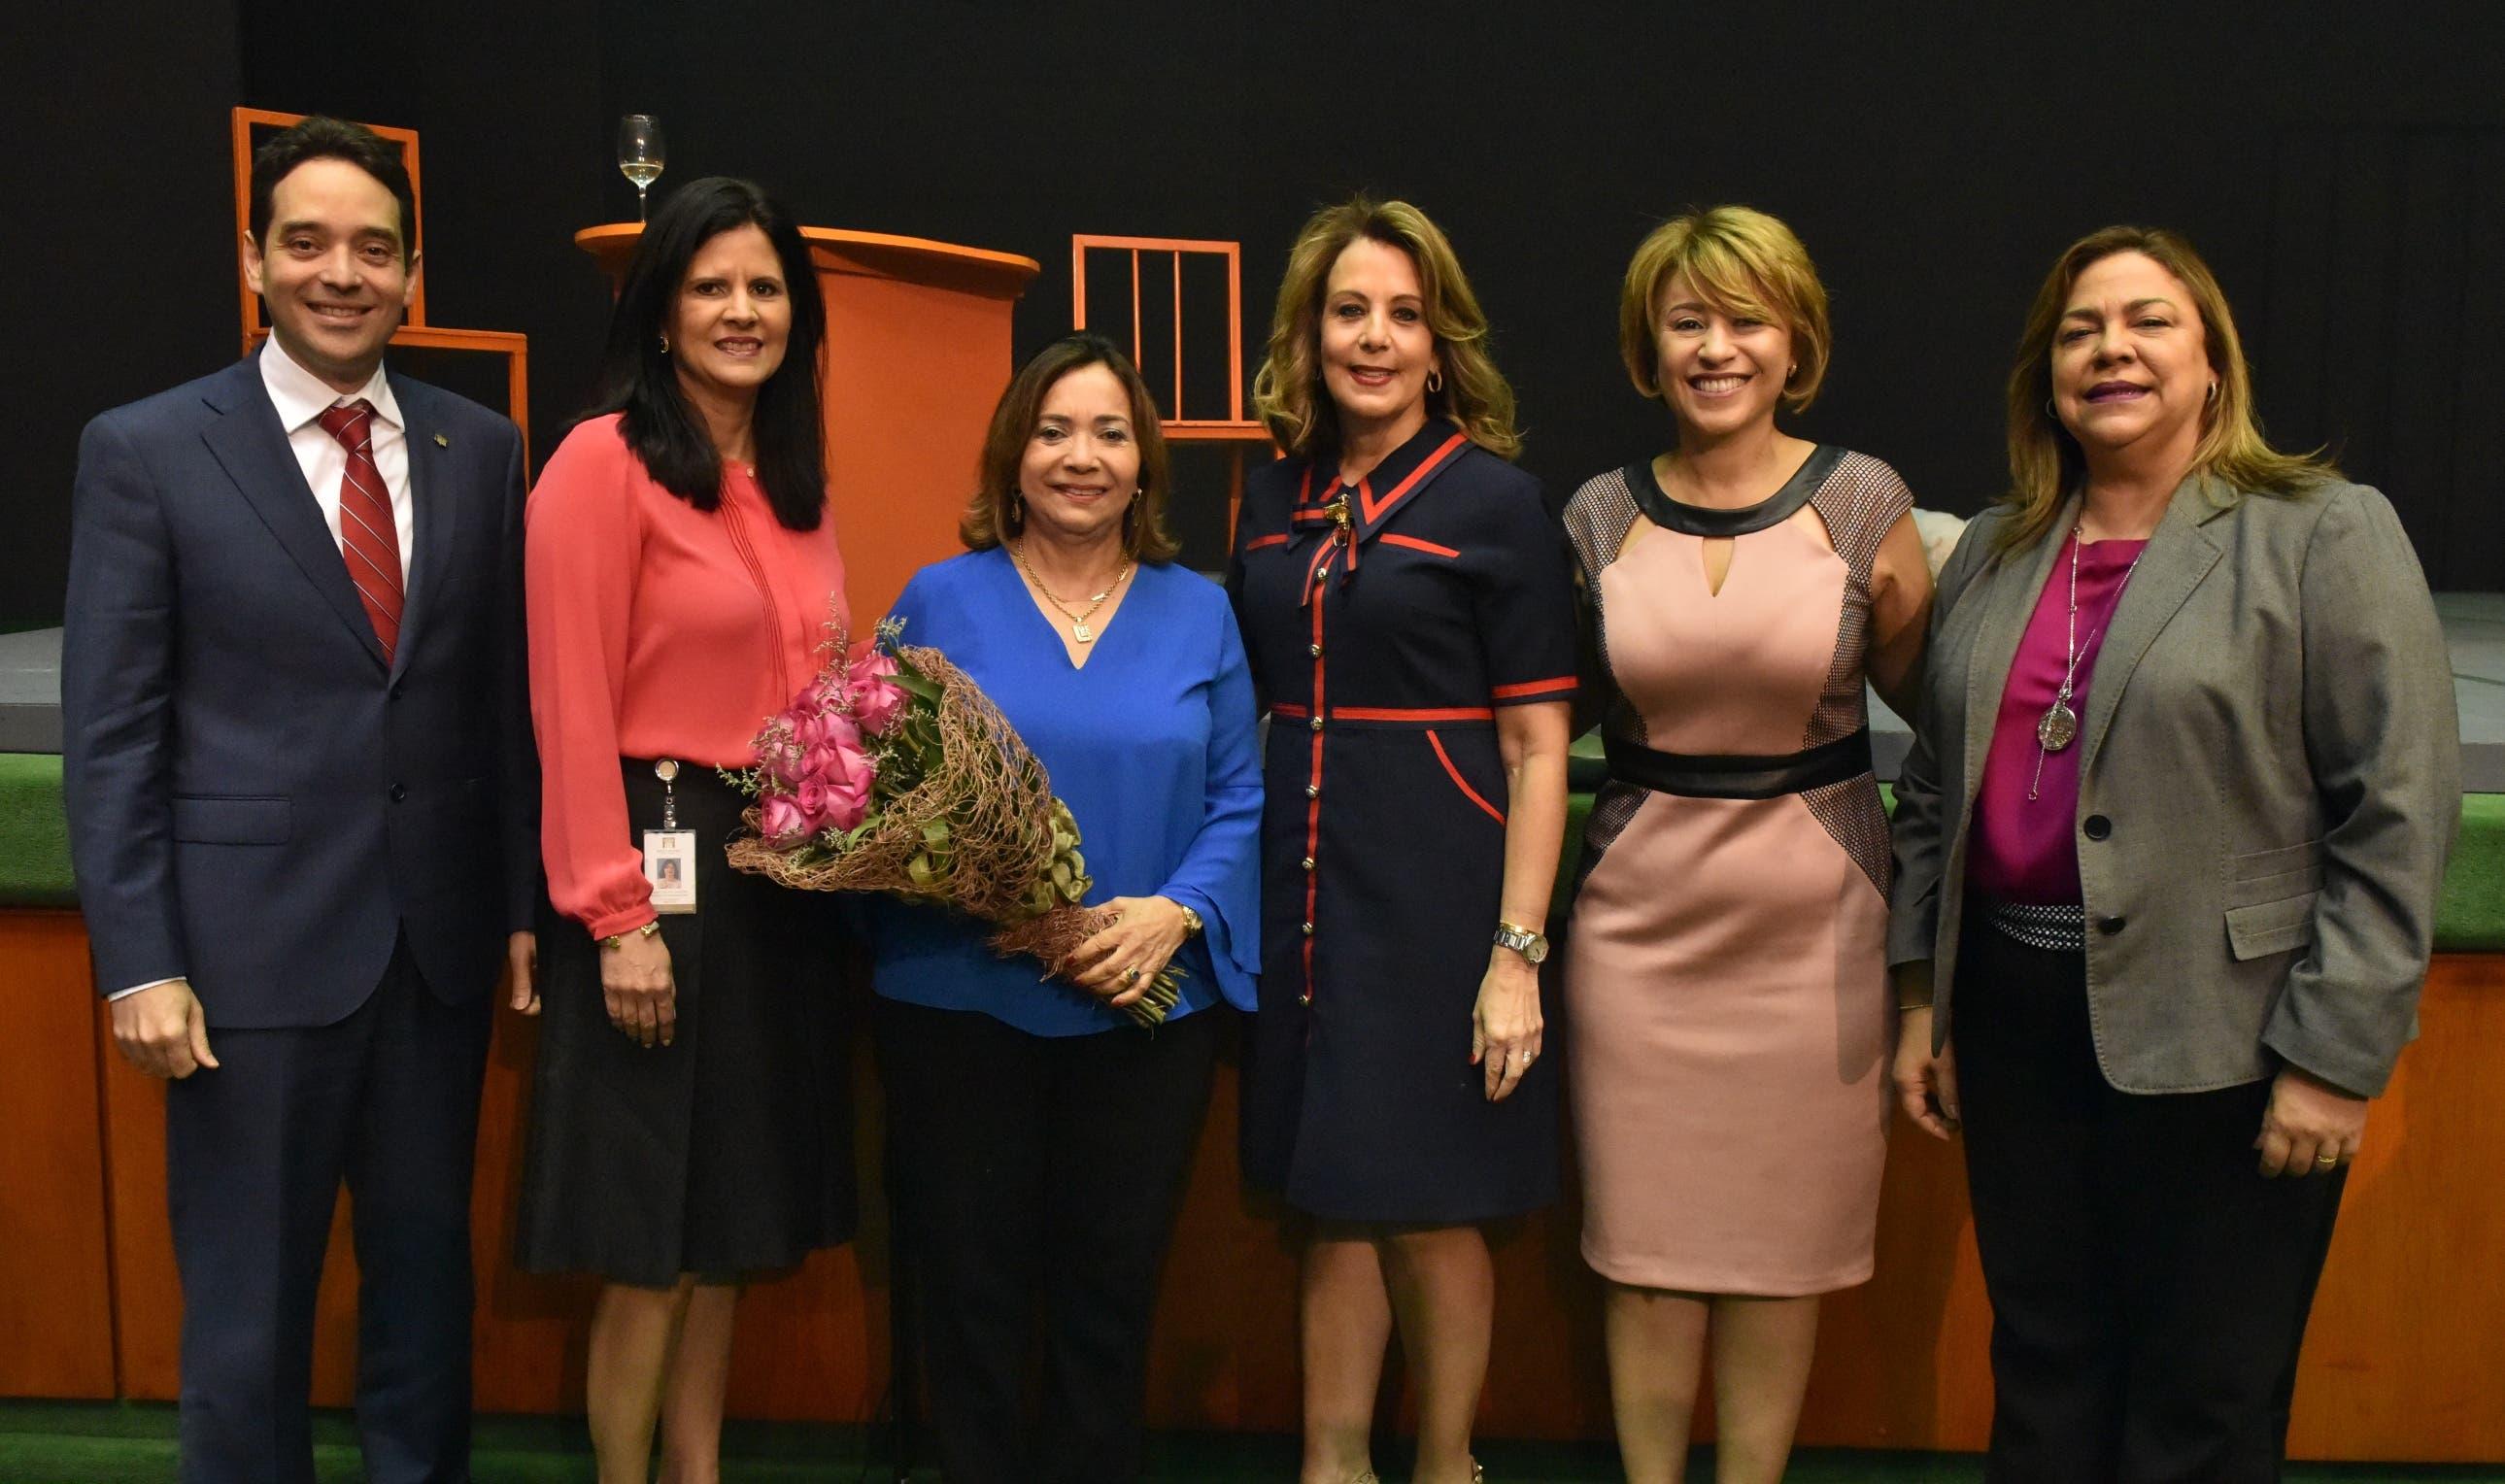 Riccio Hermina, Carolina Ramos, Olga Díaz, Clarissa de la Rocha, Rosanna Ruíz y Sarah Hernández.